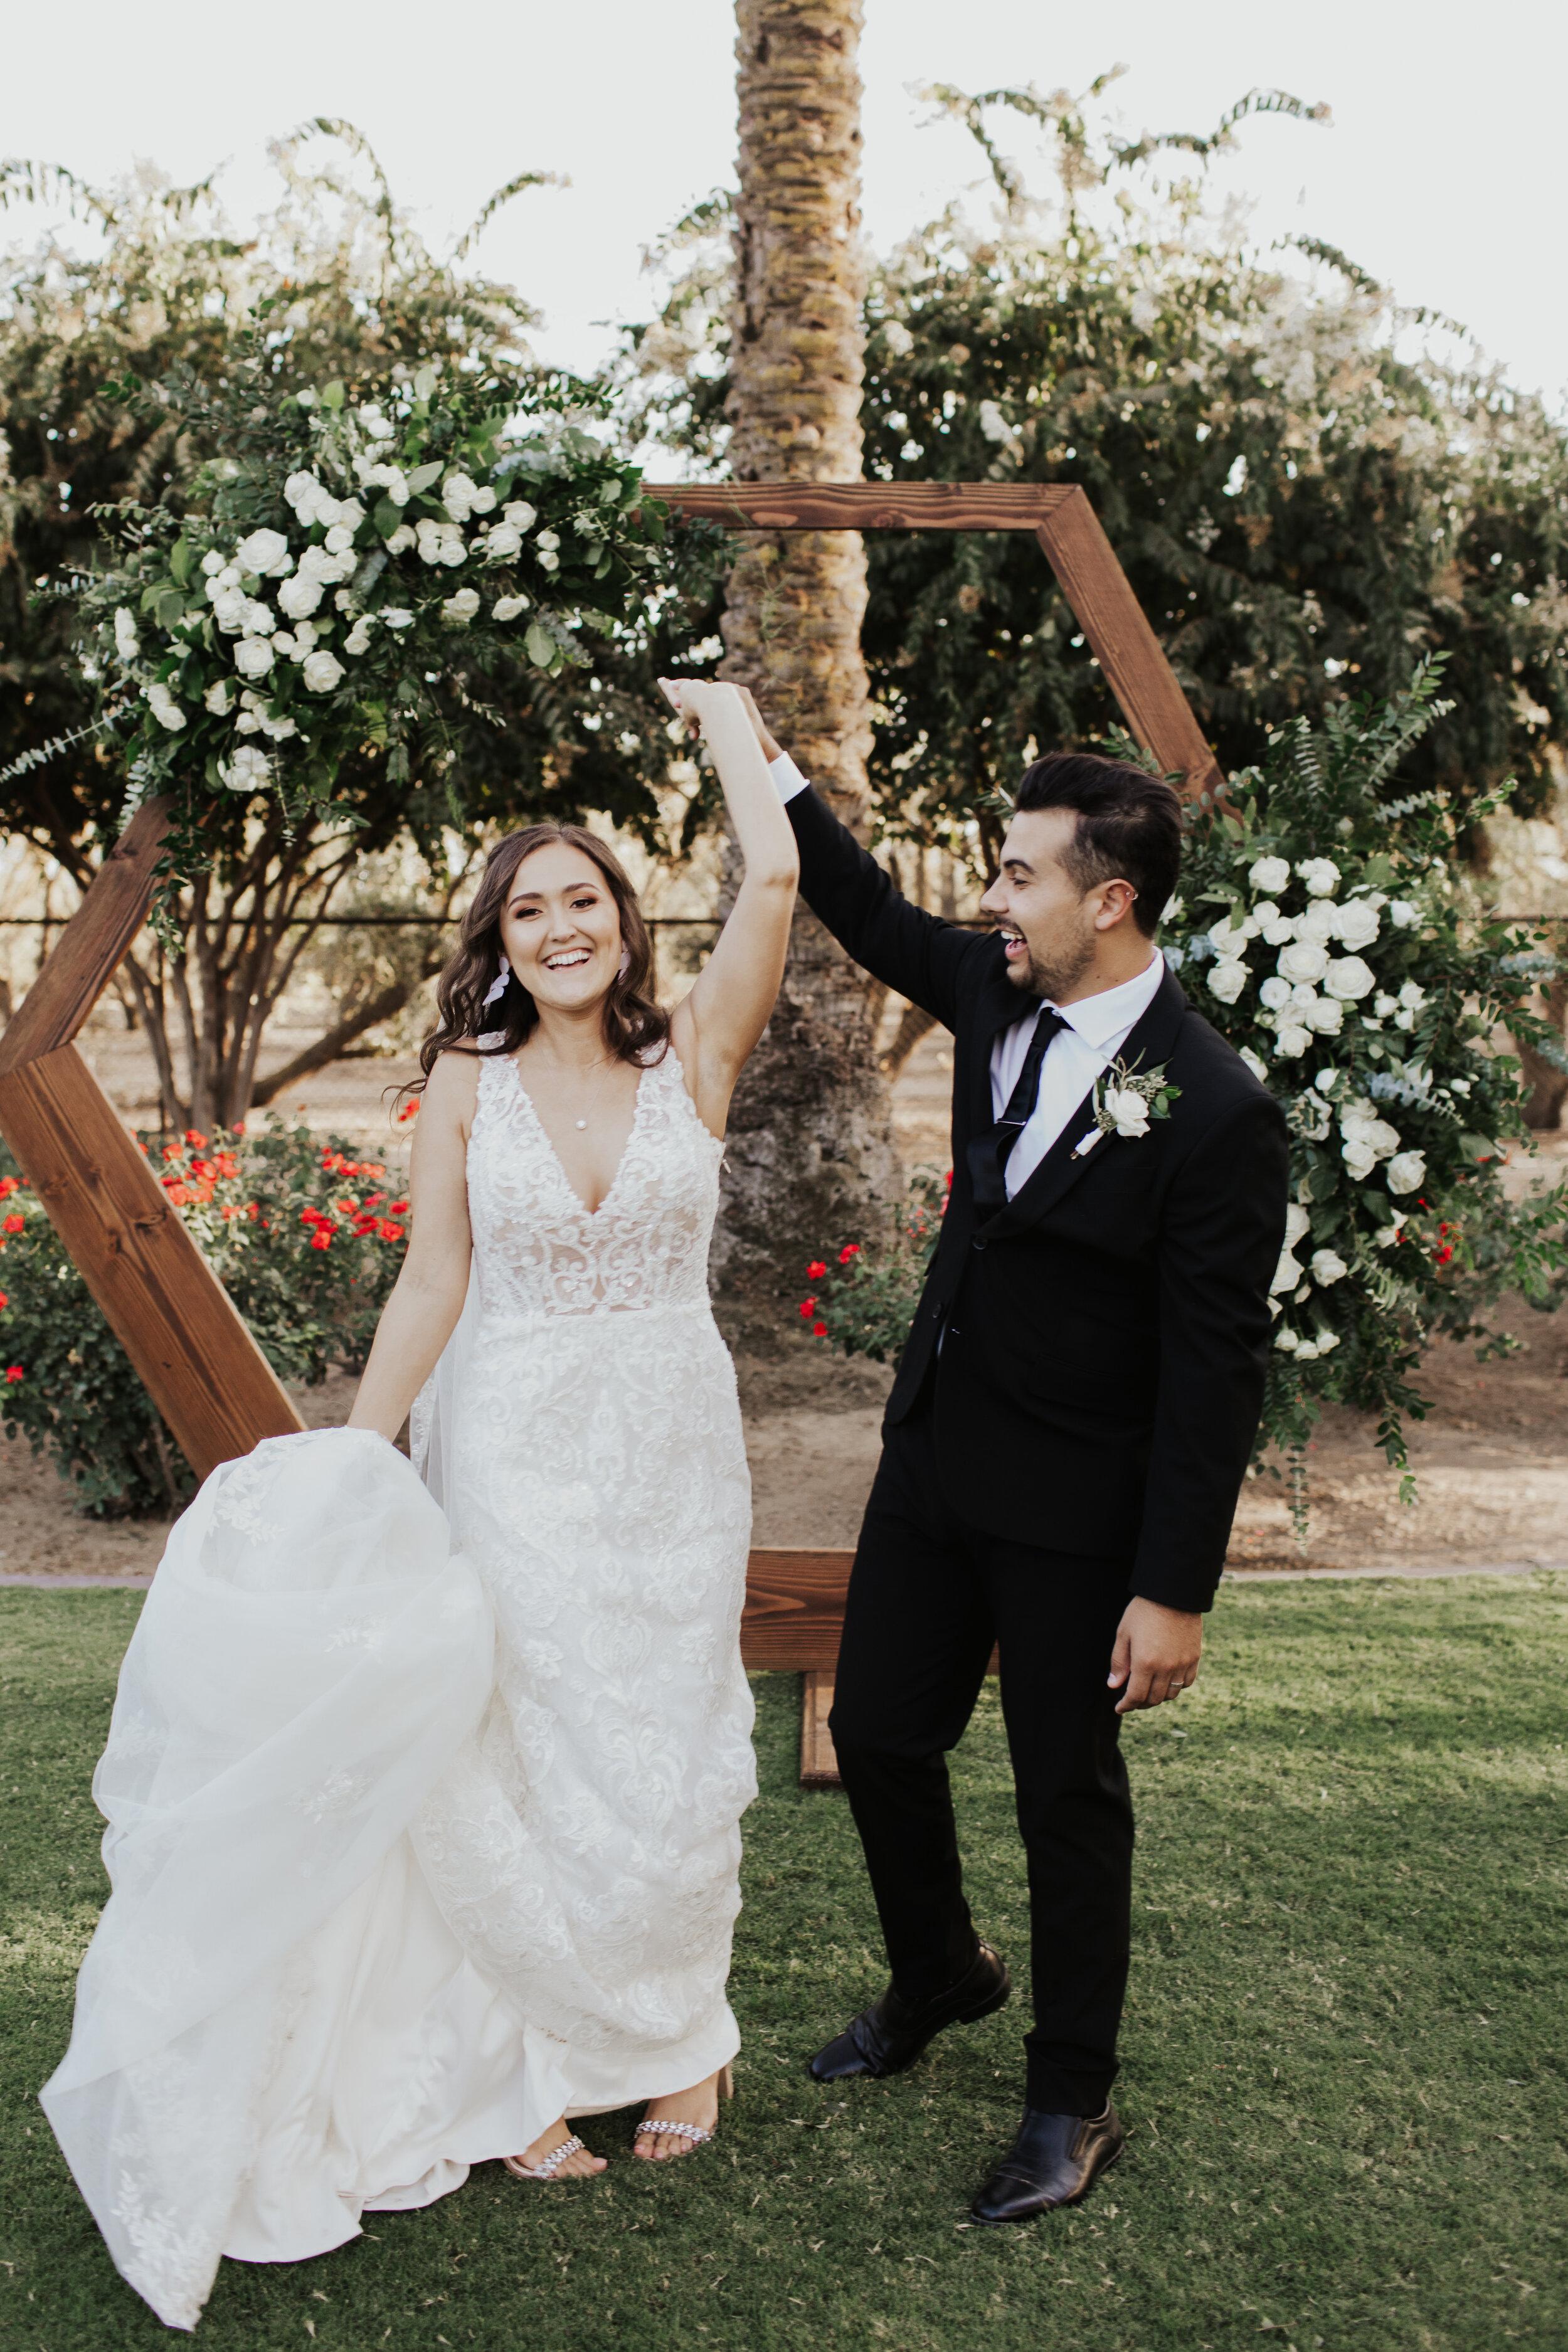 Emilee-Michael-Wedding-Tuscan-Gardens-Kingsburg-Central-Valley-California-SNEAK-PEEK-68.jpg